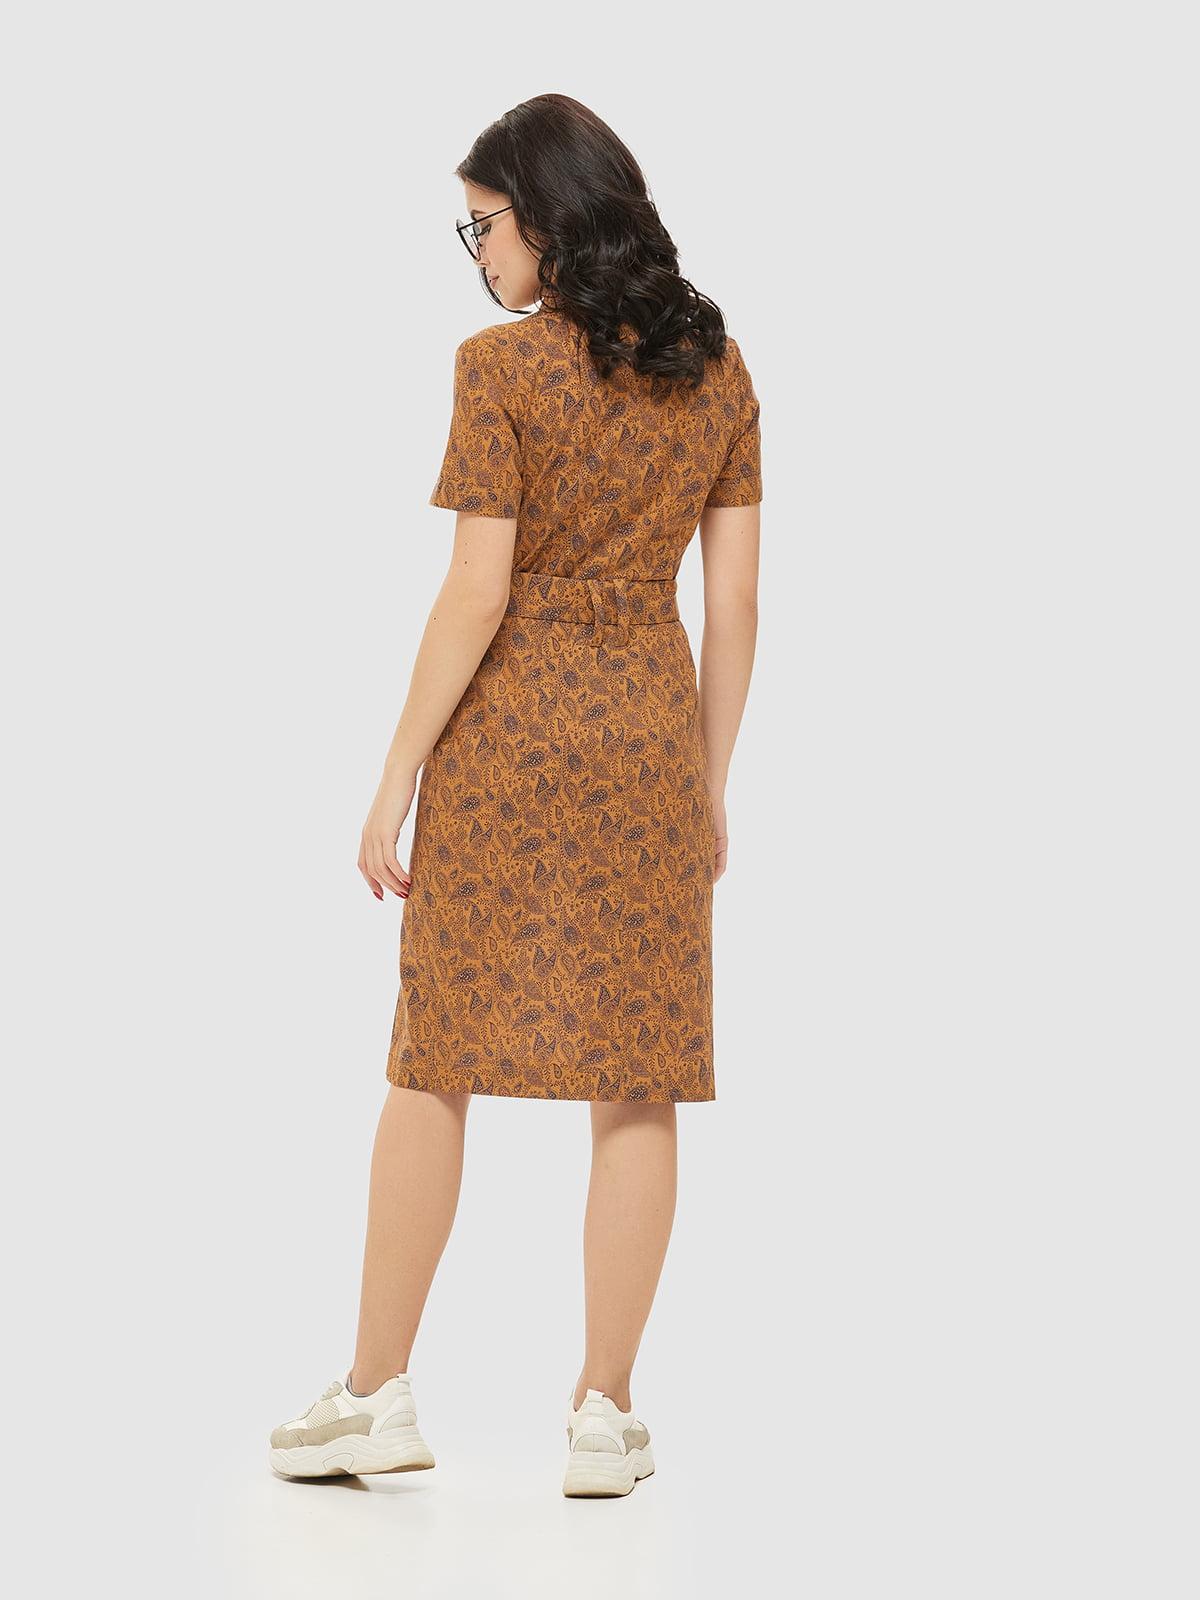 Сукня коричнева в принт   5075487   фото 2